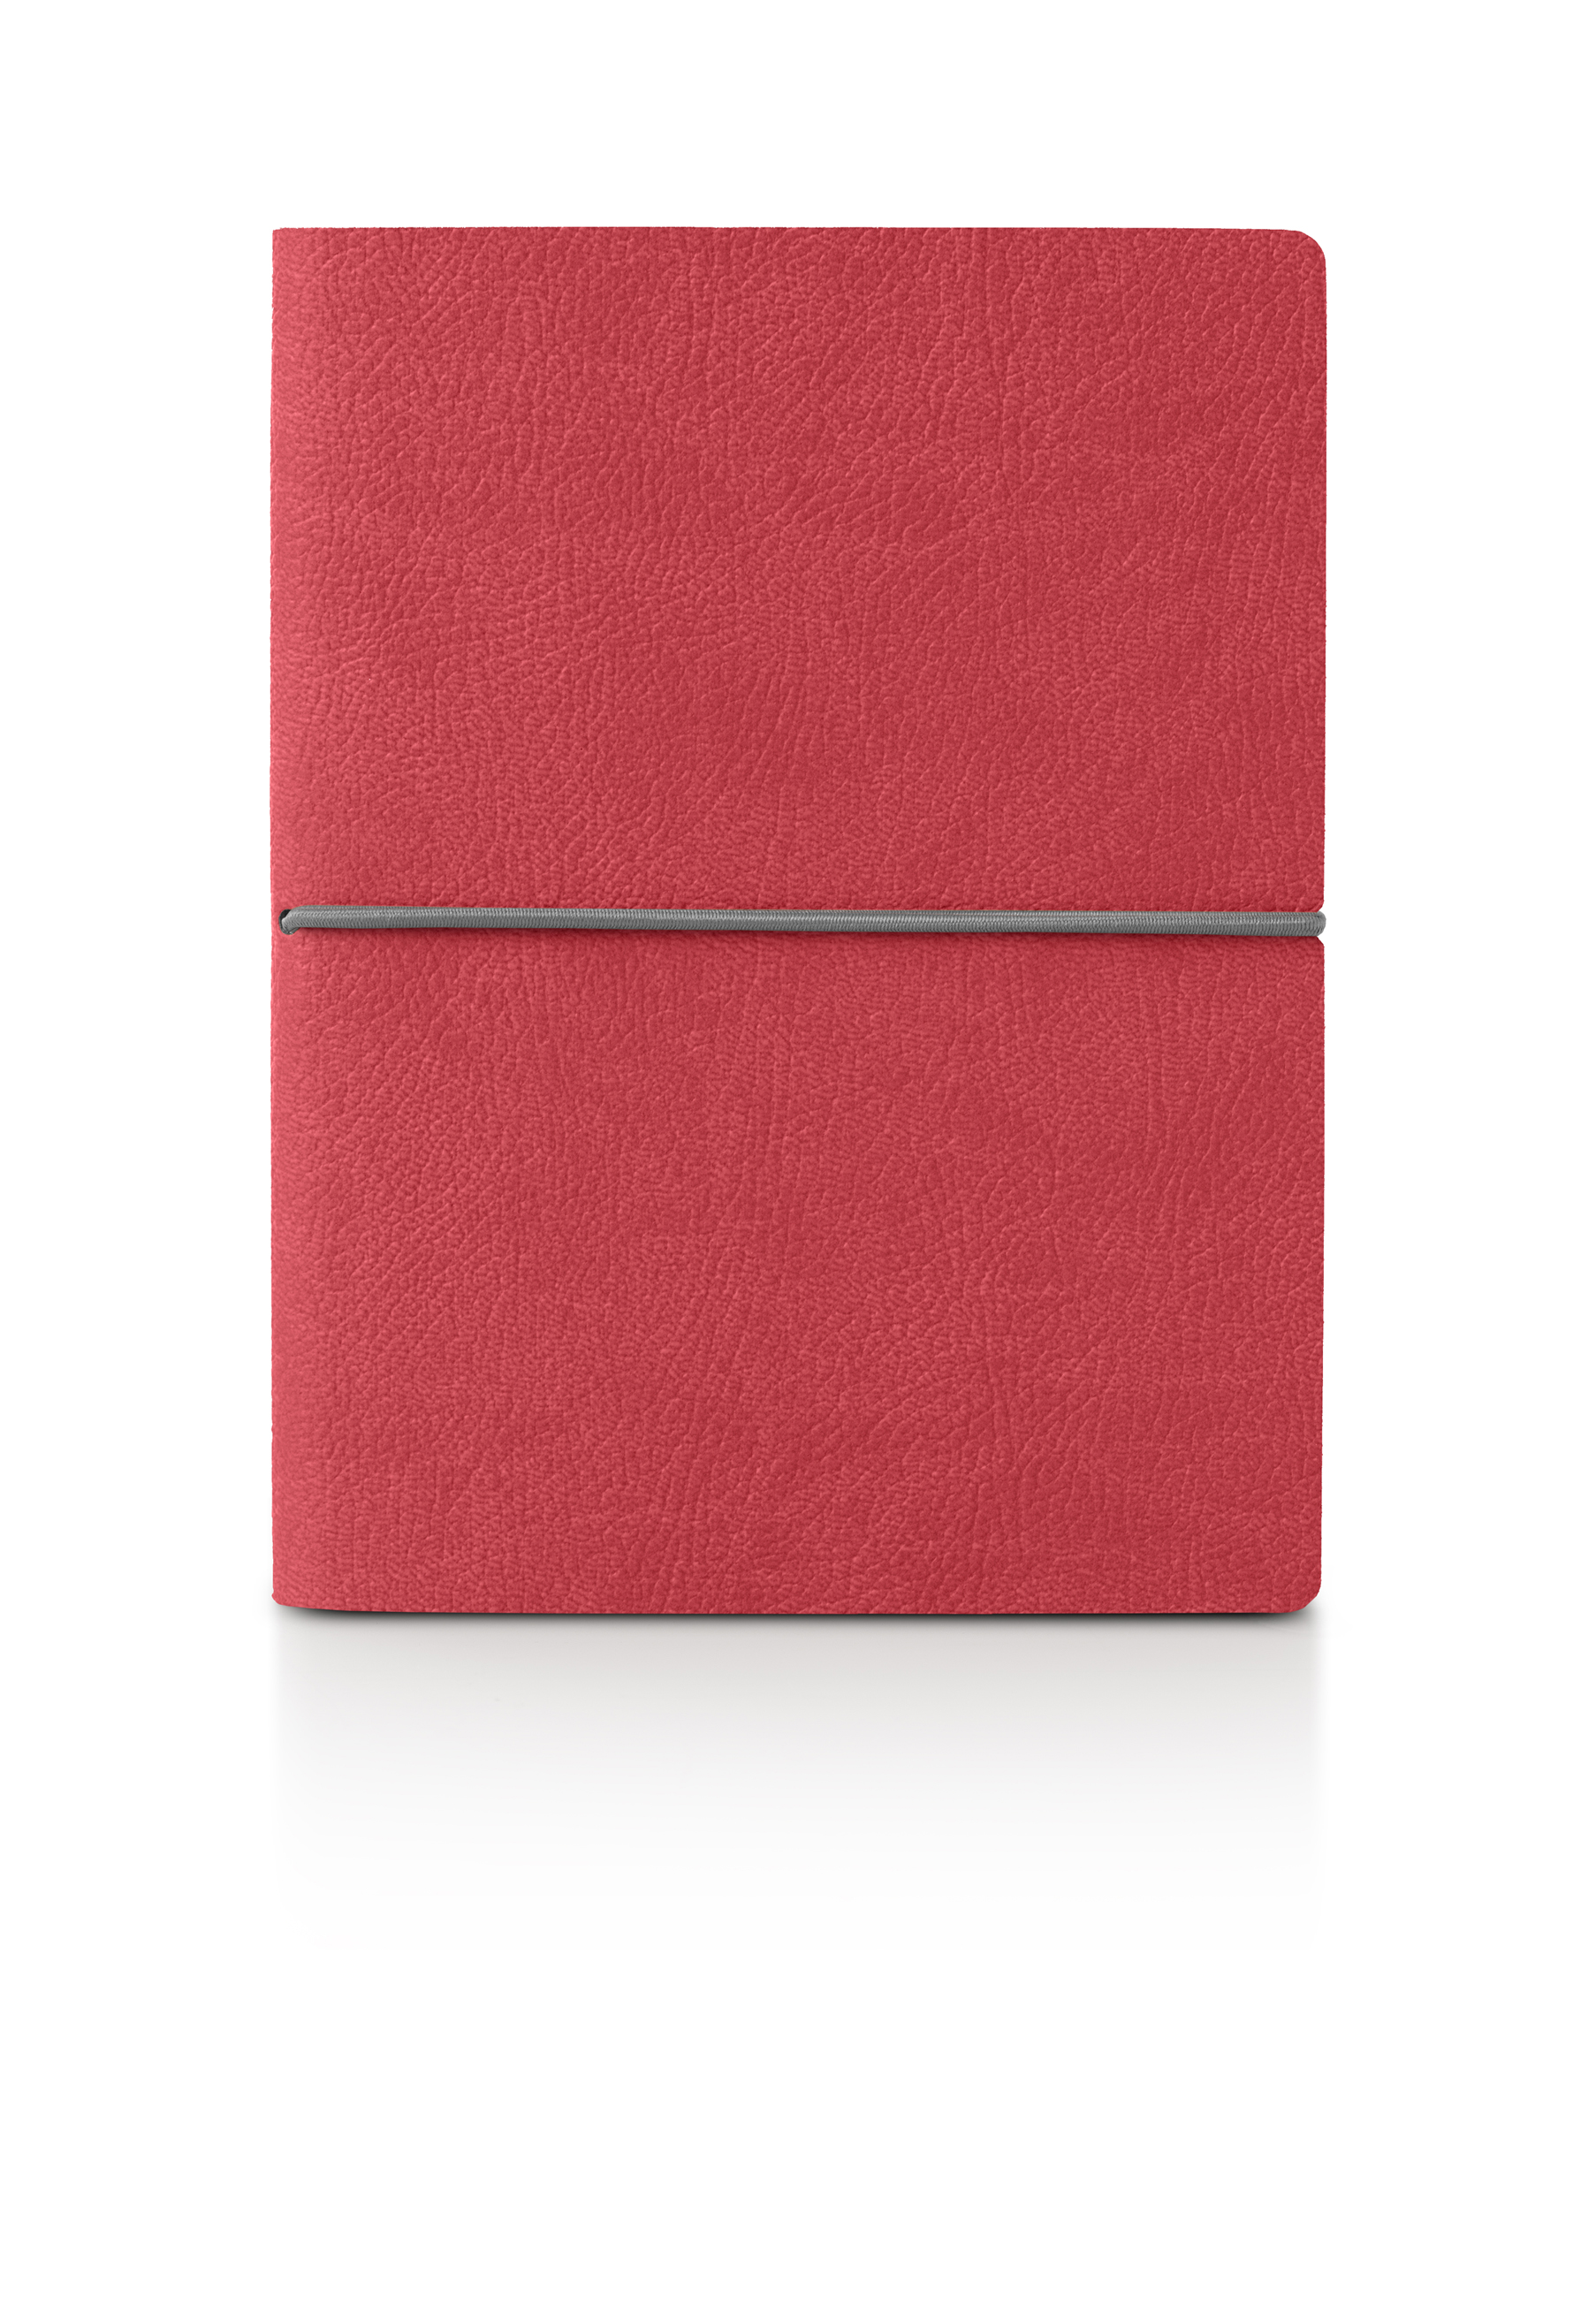 Ciak SMART Notebook - Red